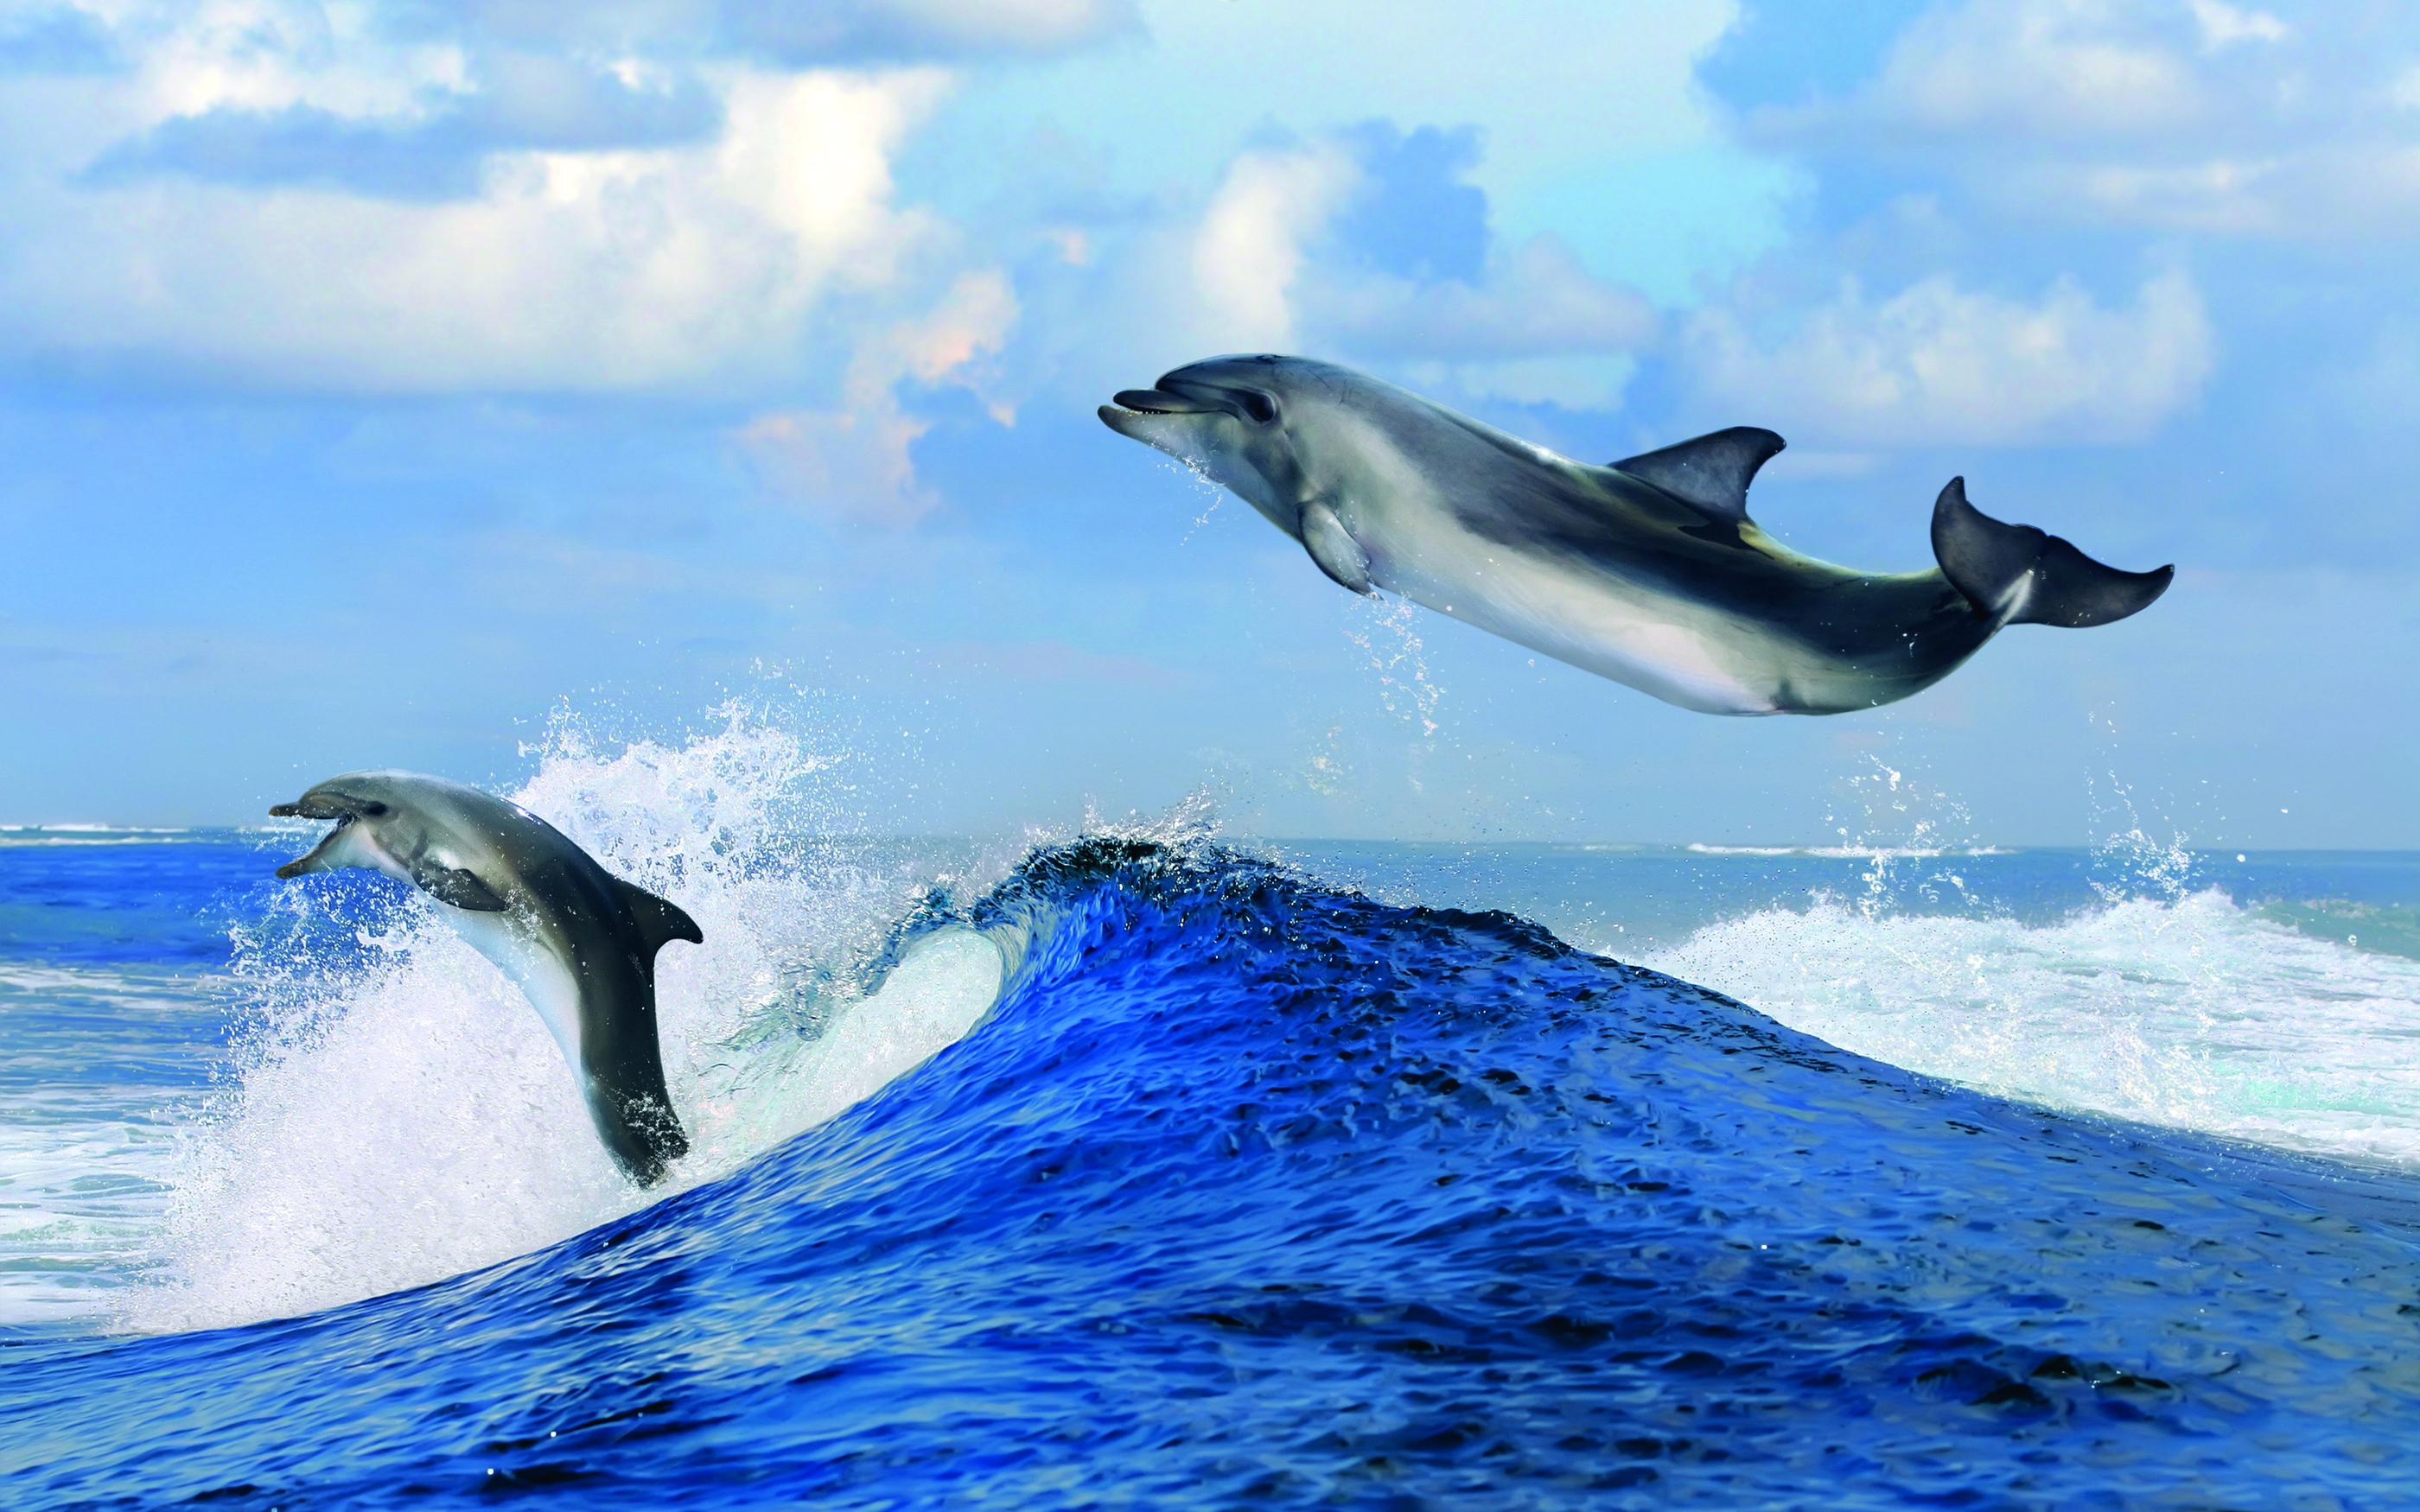 壁紙 波 イルカ 海 水 2 二つ 飛び 動物 ダウンロード 写真